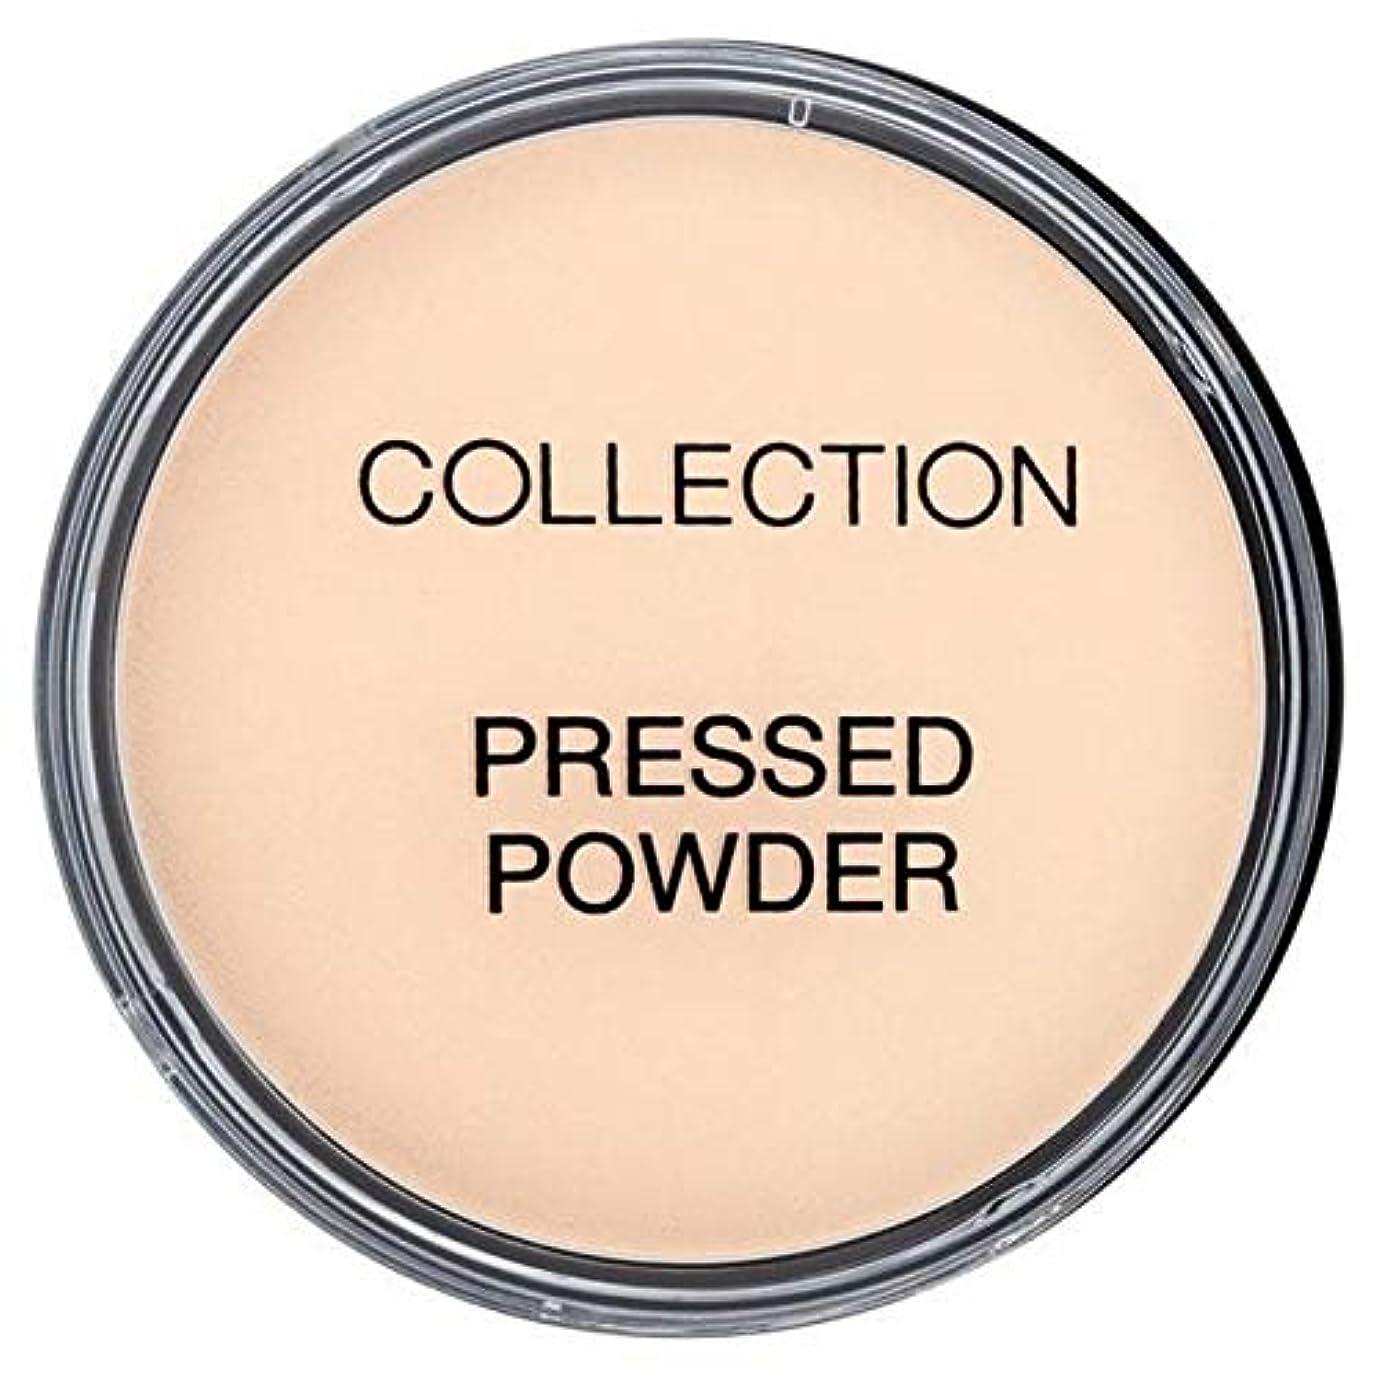 参加するマニュアルインスタンス[Collection ] コレクションは、粉末17グラムのろうそく1を押します - Collection Pressed Powder 17g Candlelight 1 [並行輸入品]